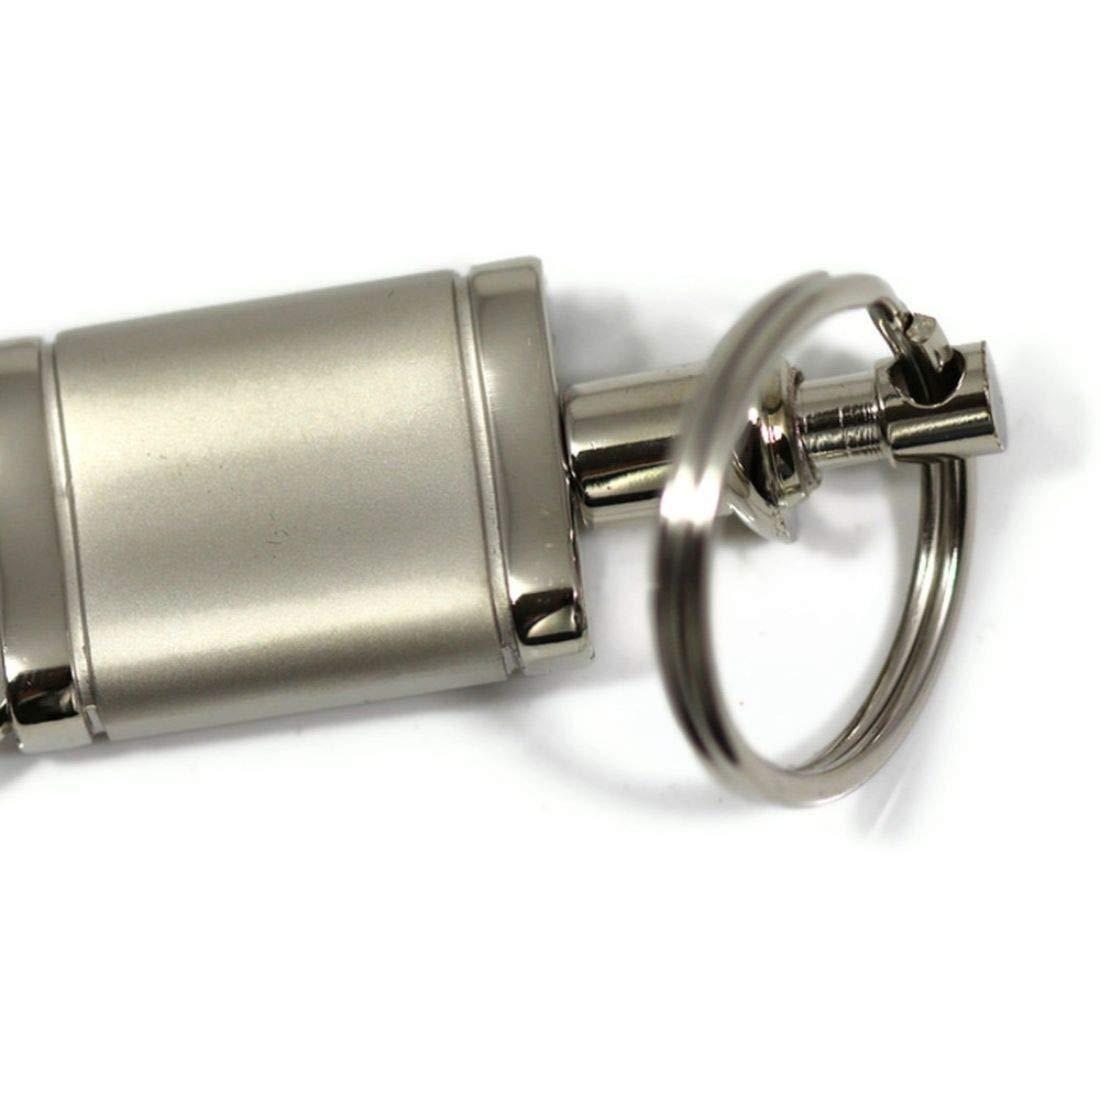 Infiniti G37 Satin-Chrome Valet Key Fob Authentic Logo Key Chain Key Ring Keychain Lanyard